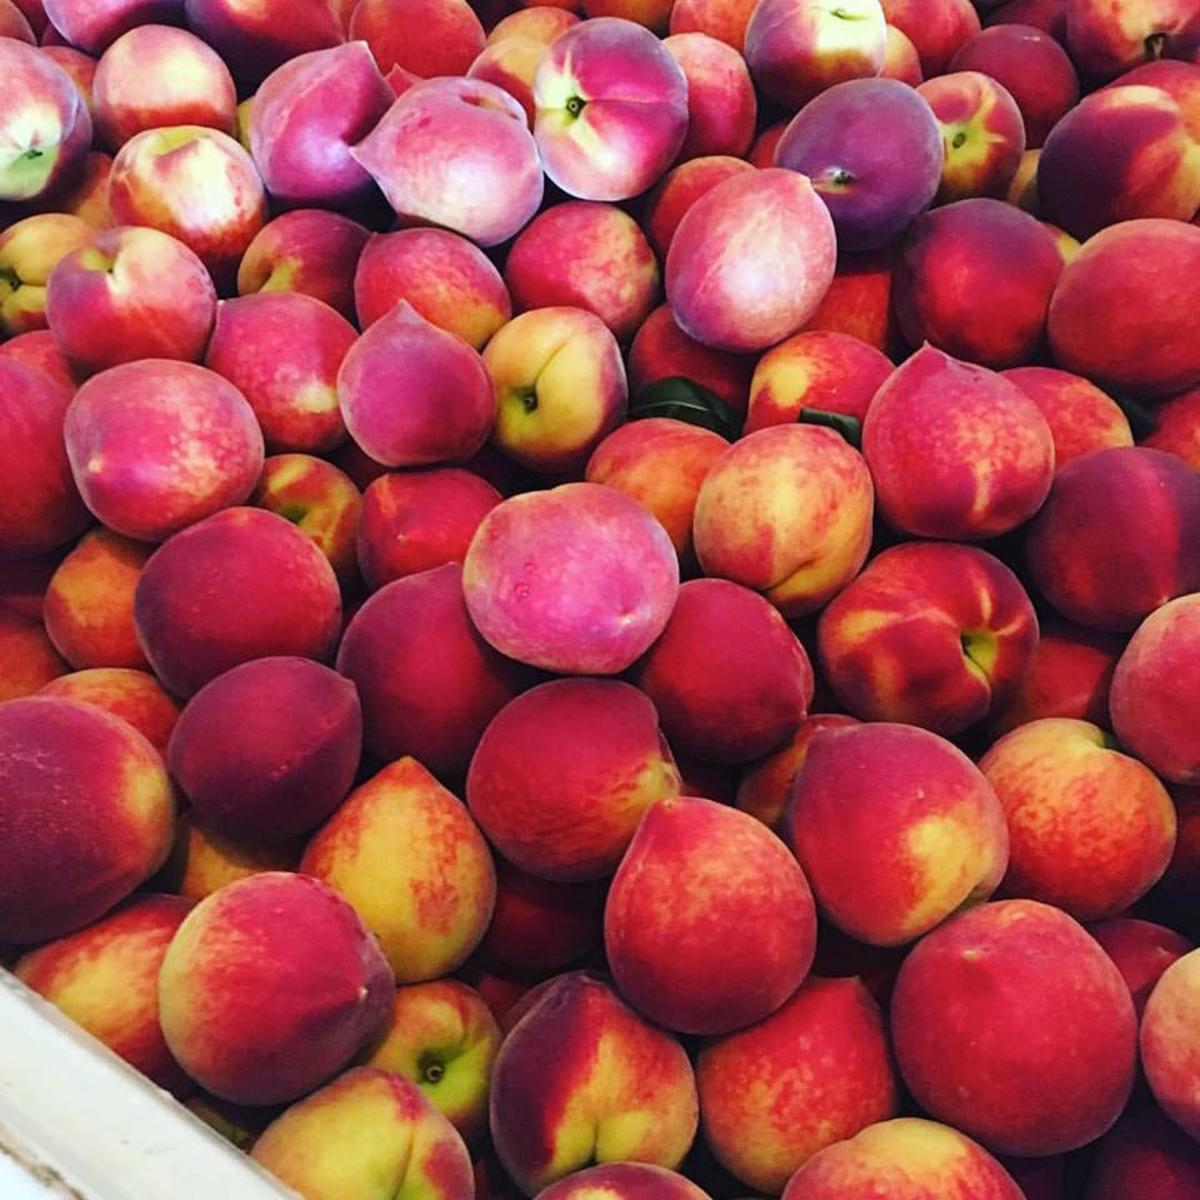 peaches-at-pearson-farm-1495546676.jpg